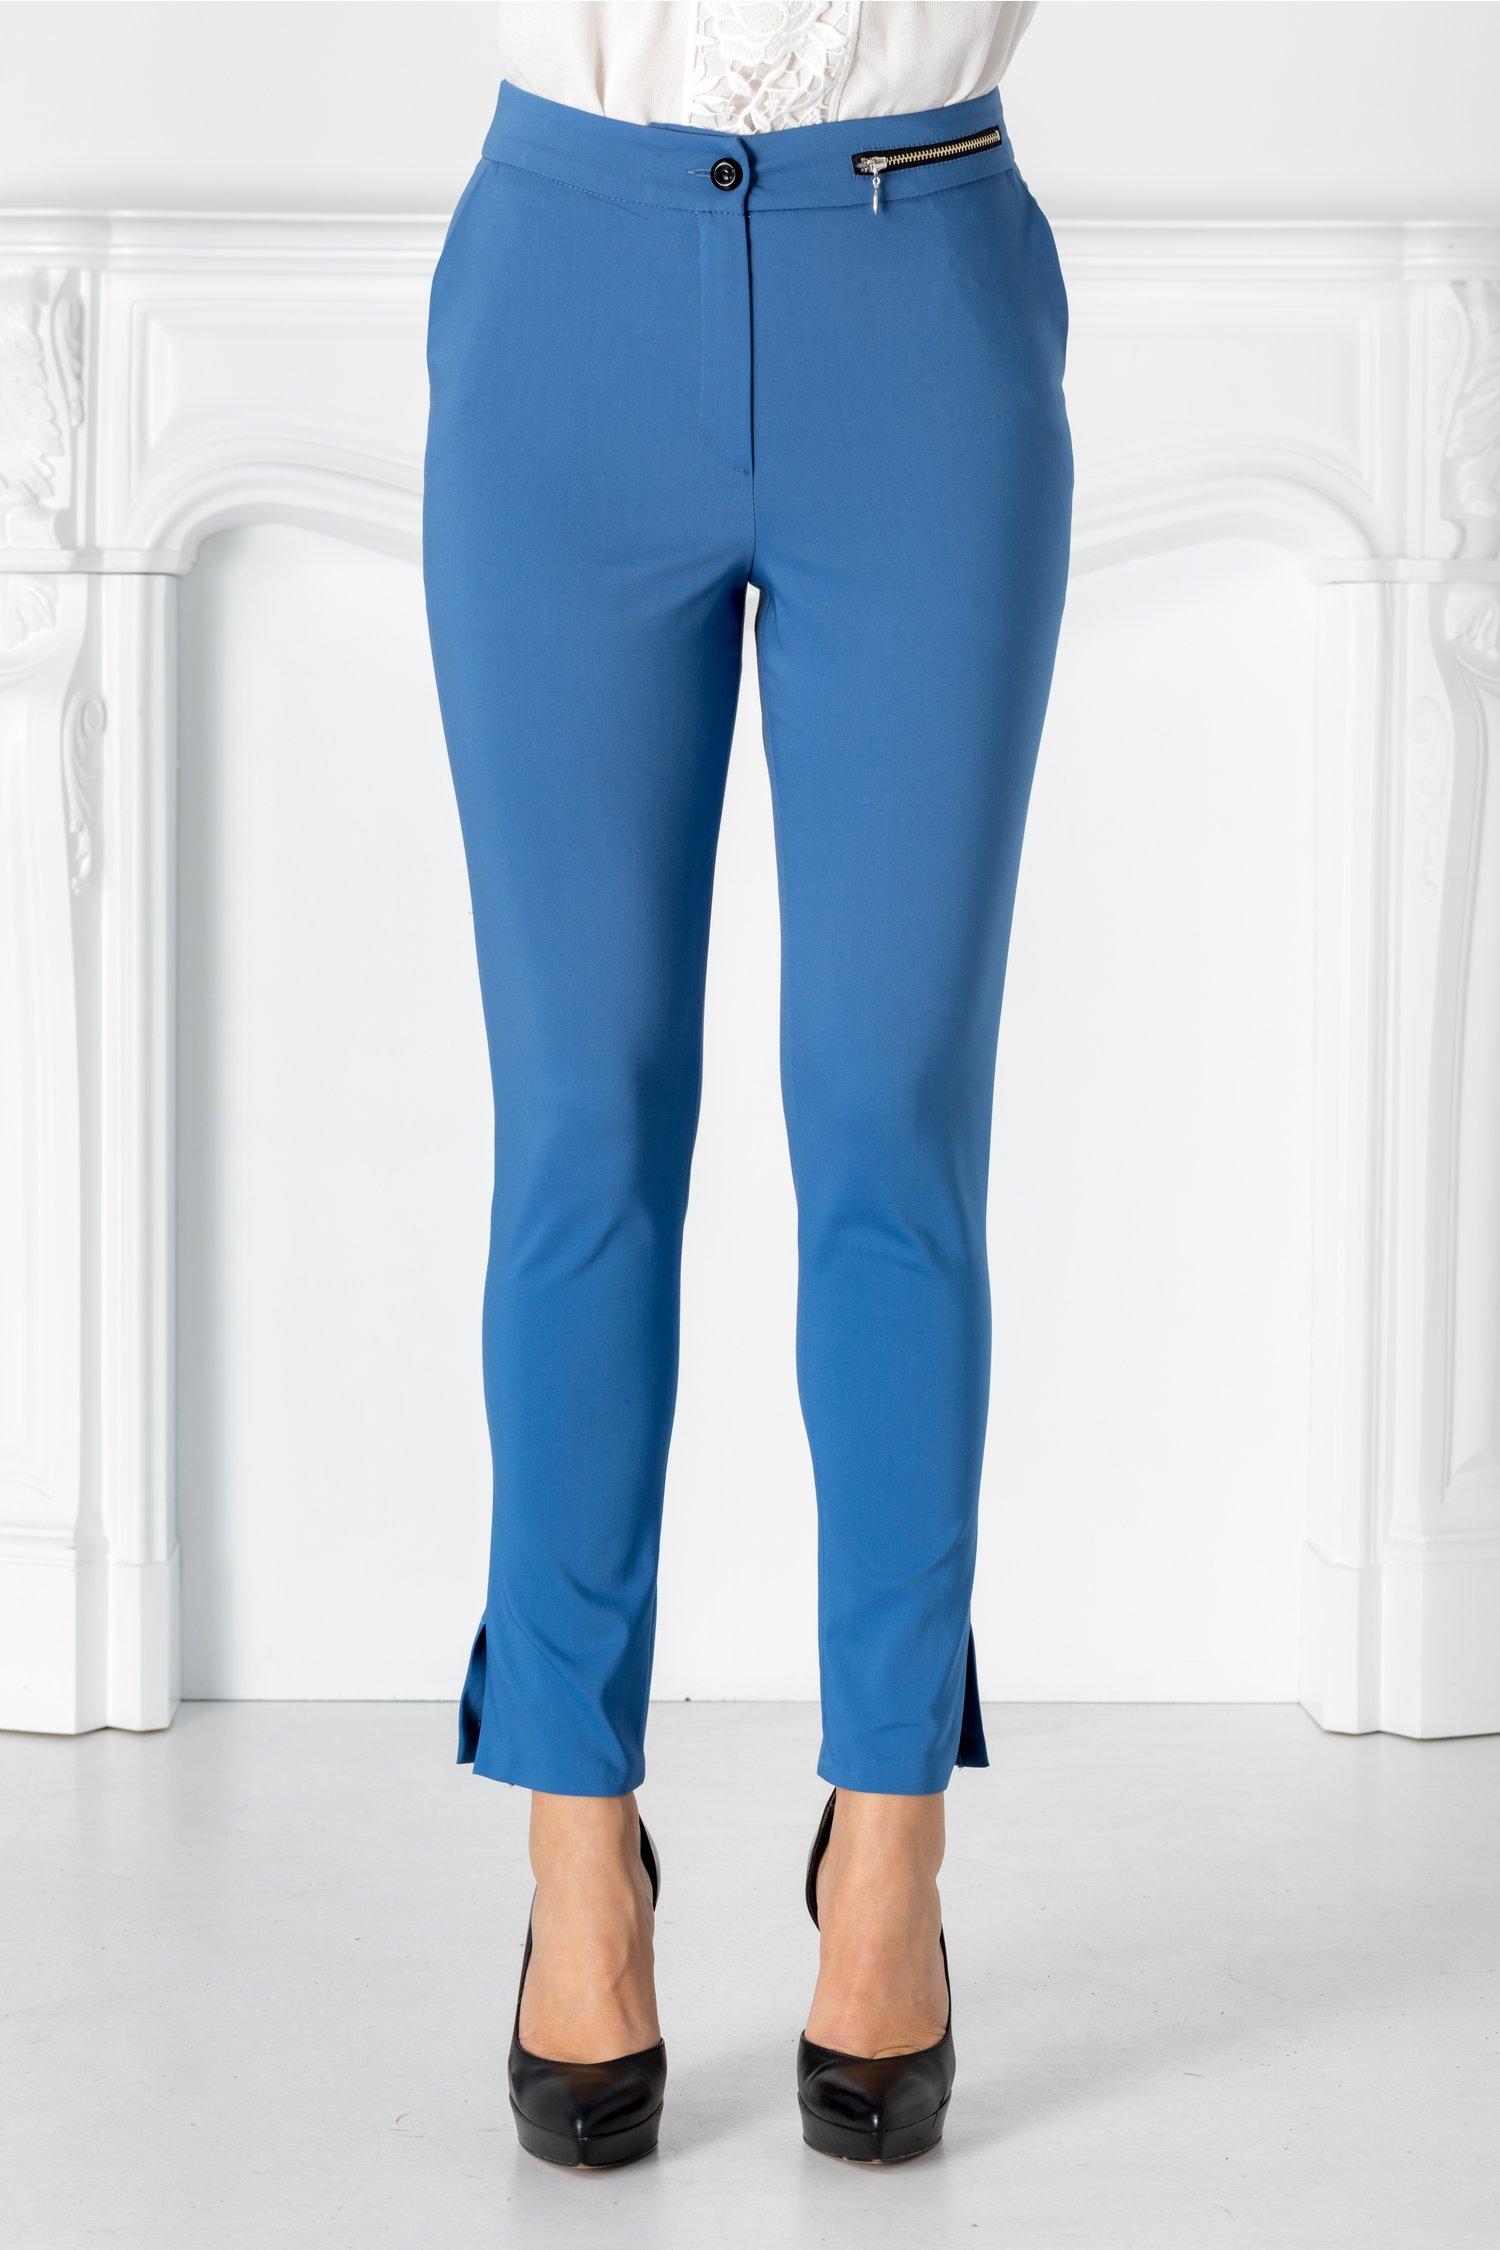 Pantaloni Moze albastri cu formoar metalic